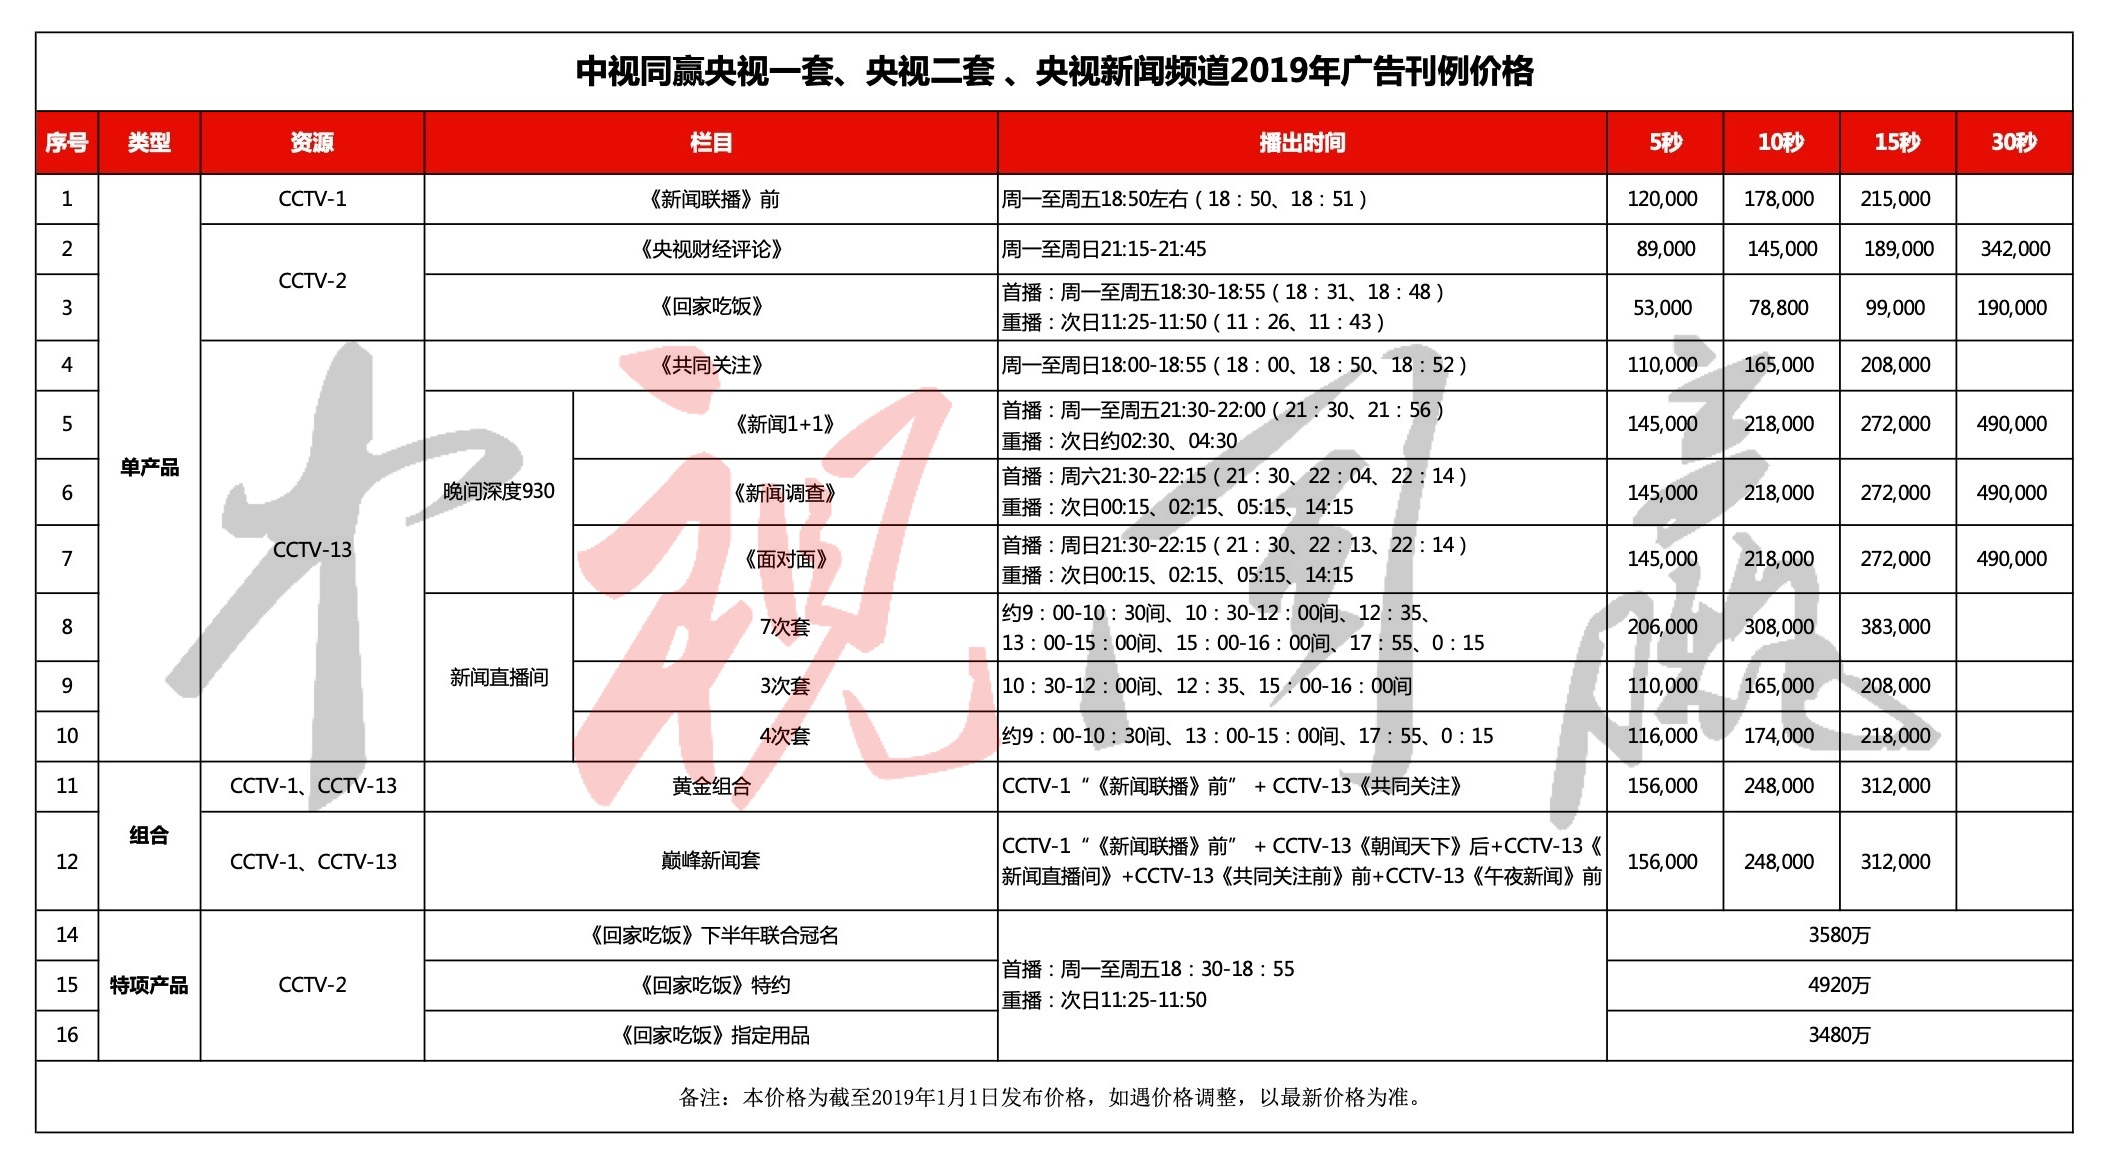 2019年CCTV-1、2、13资源汇总@中视同赢